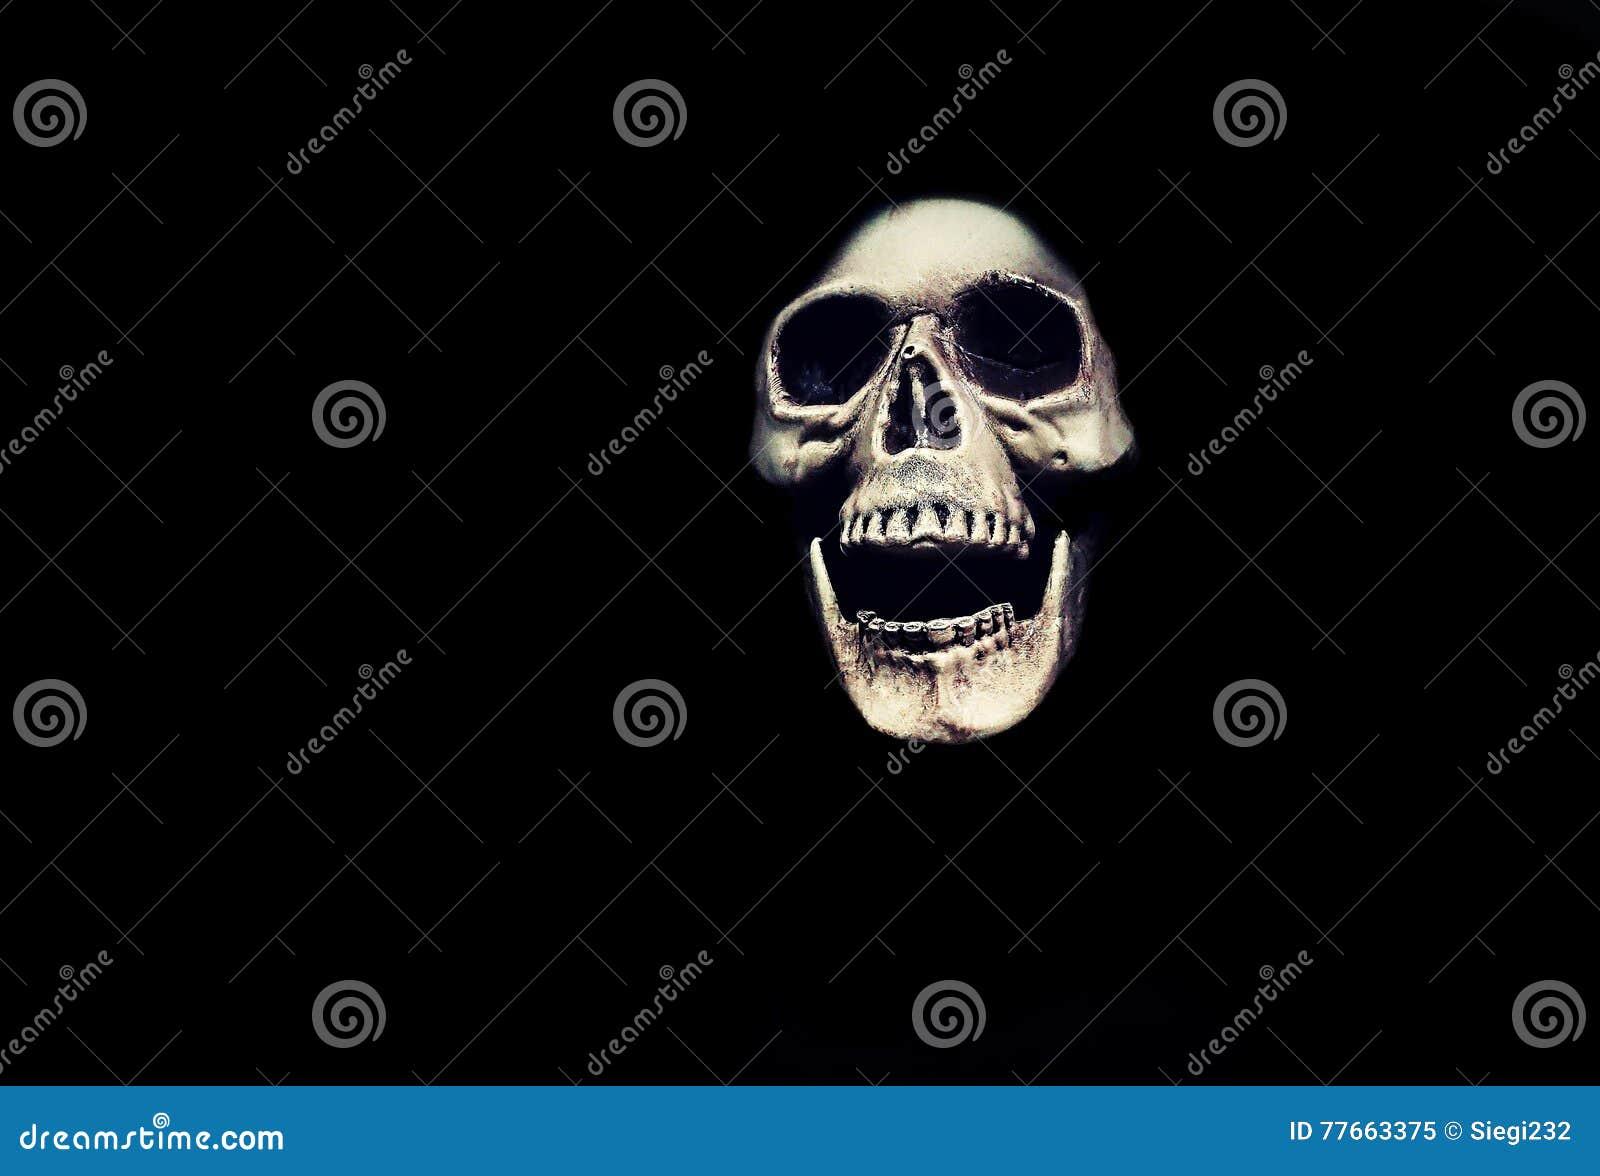 Halloween Monster Skull